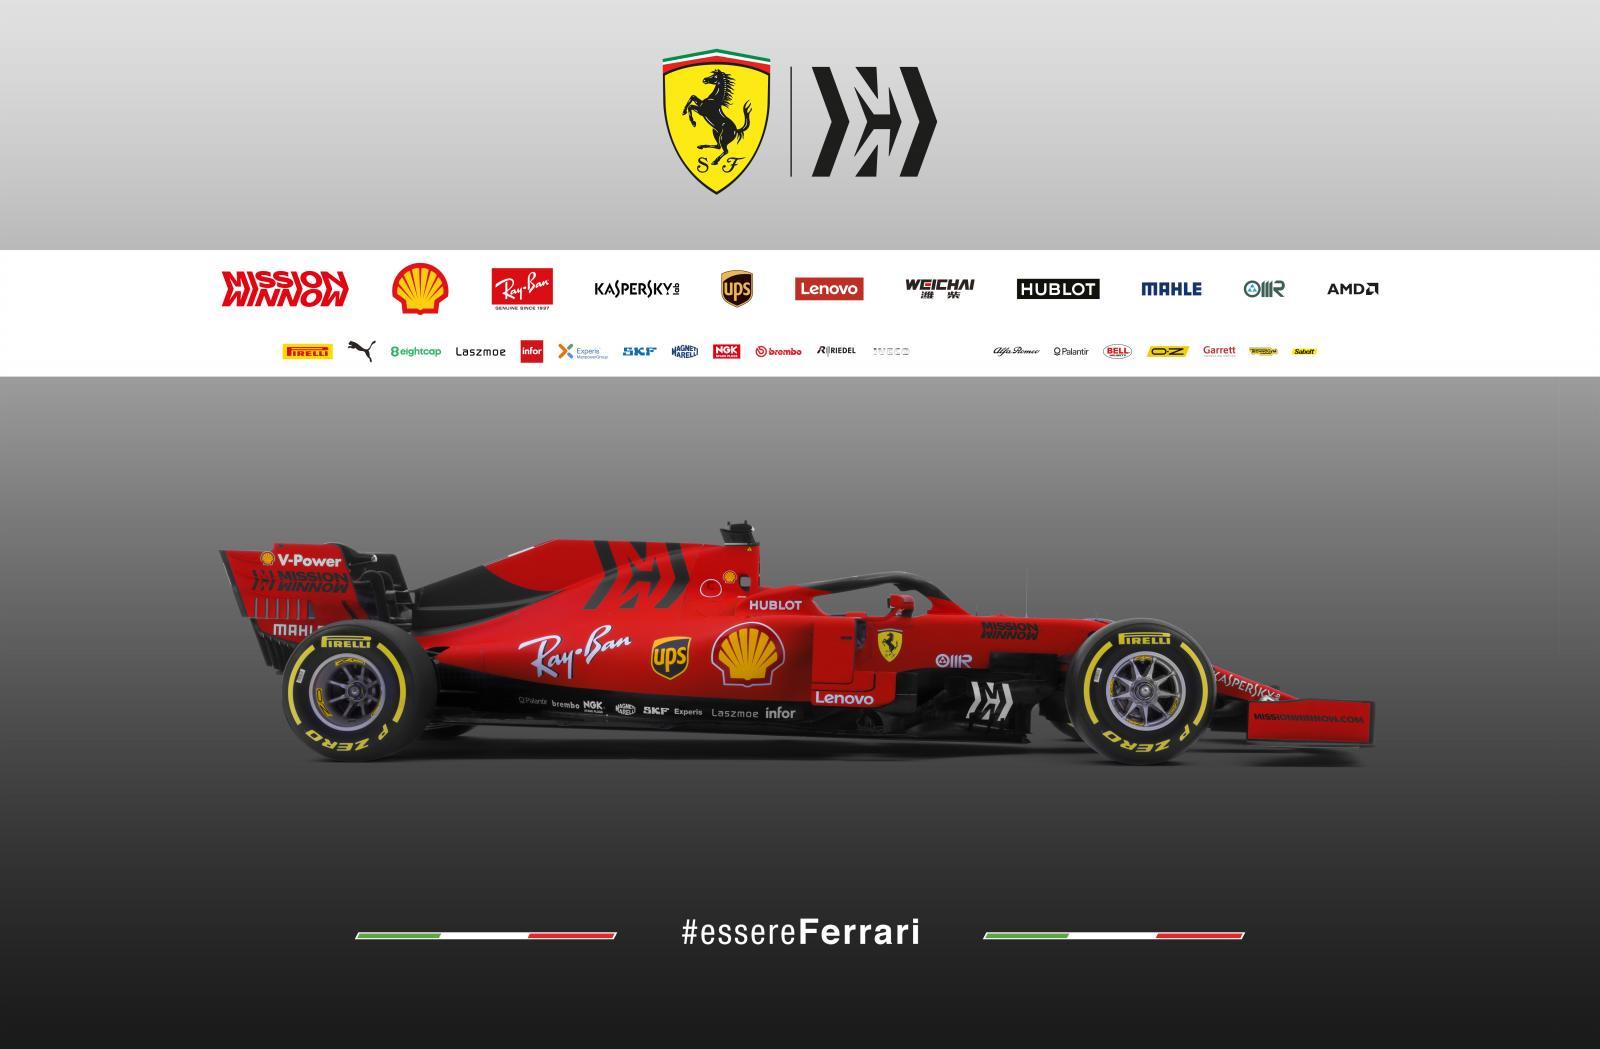 2019-ferrari-sf90